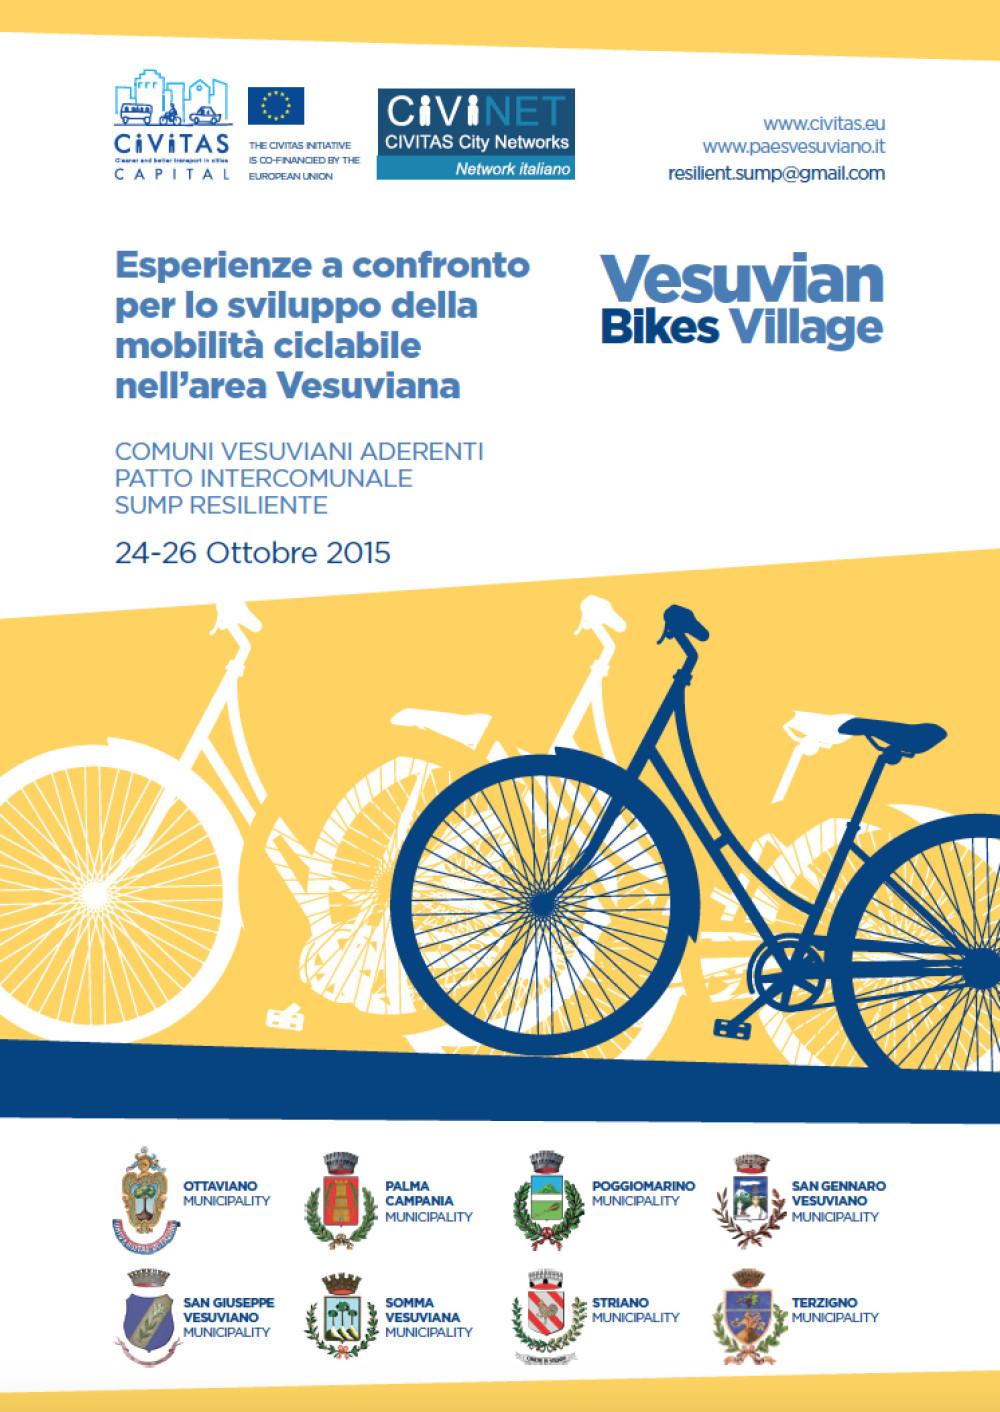 Vesuvian Bikes Village